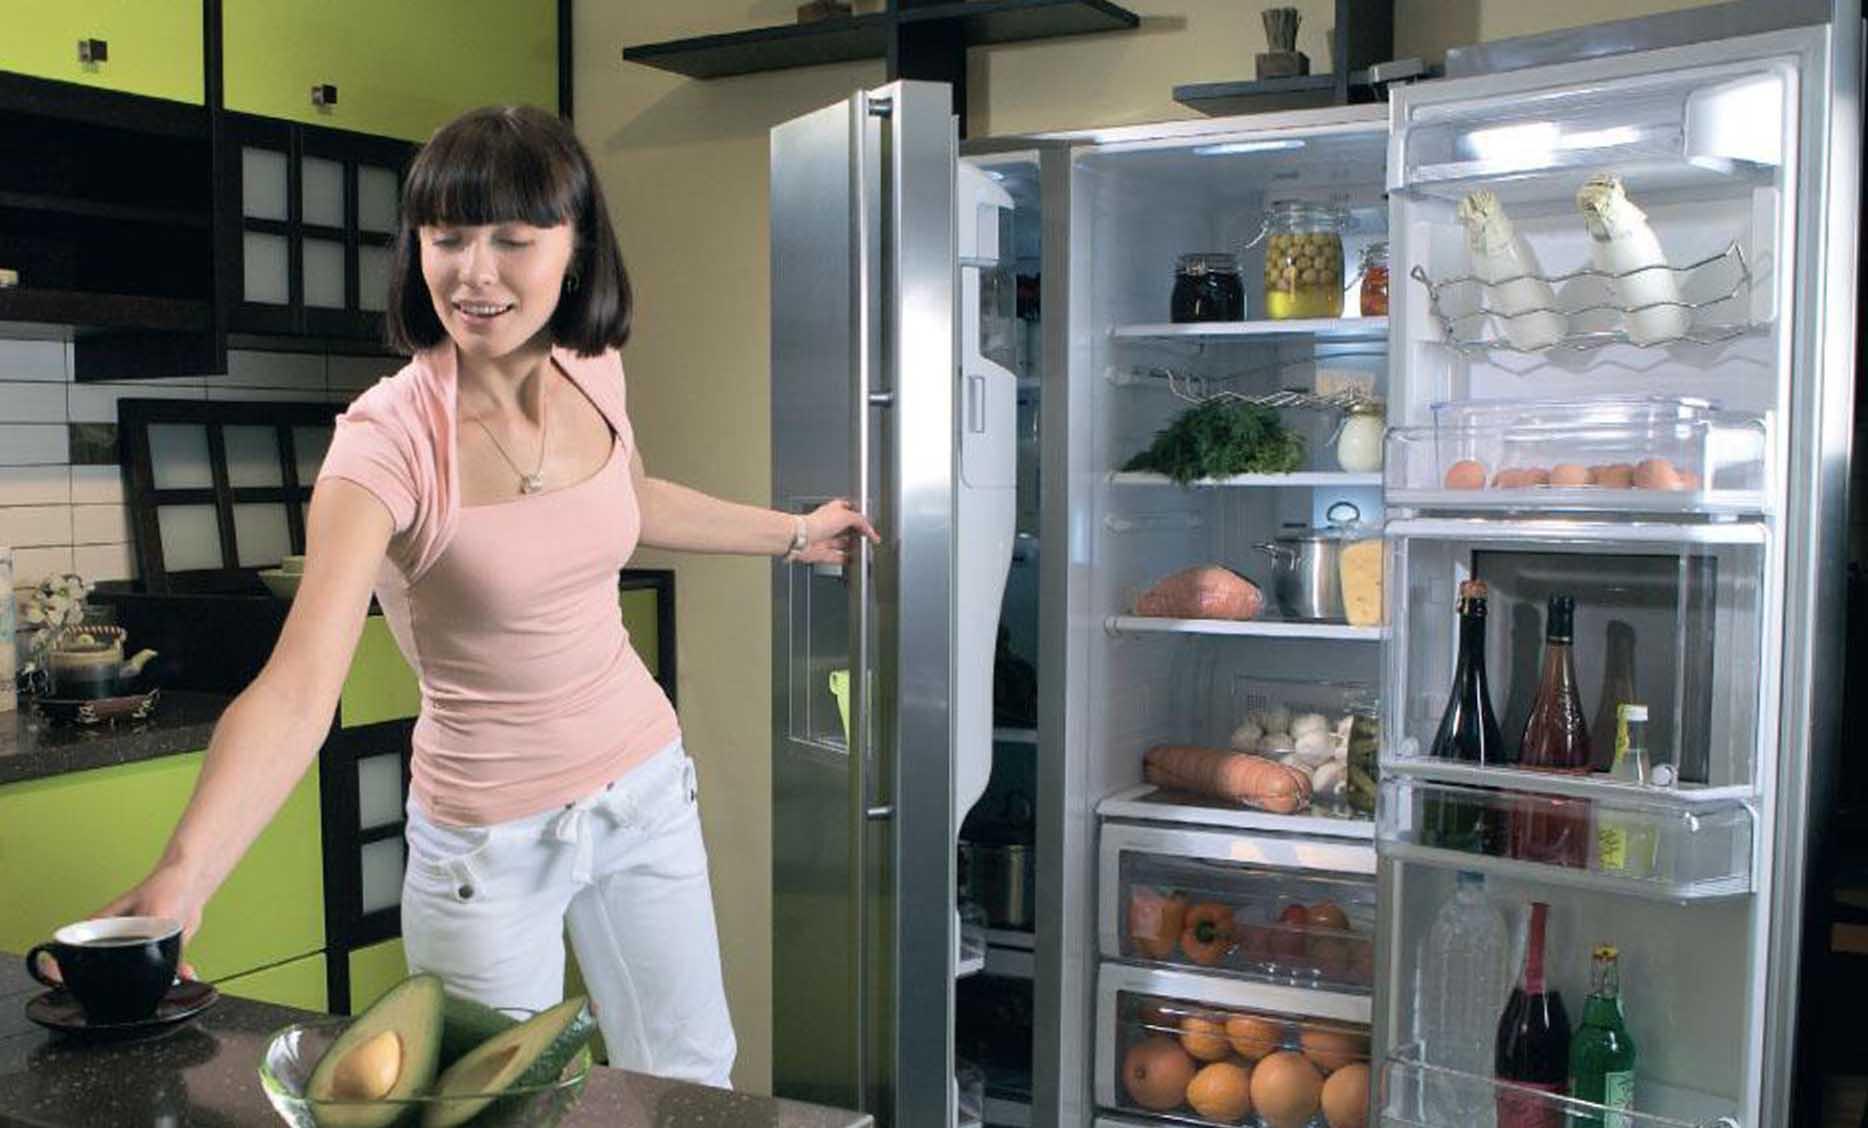 Почему дверь холодильника не закрывается и как это можно исправить